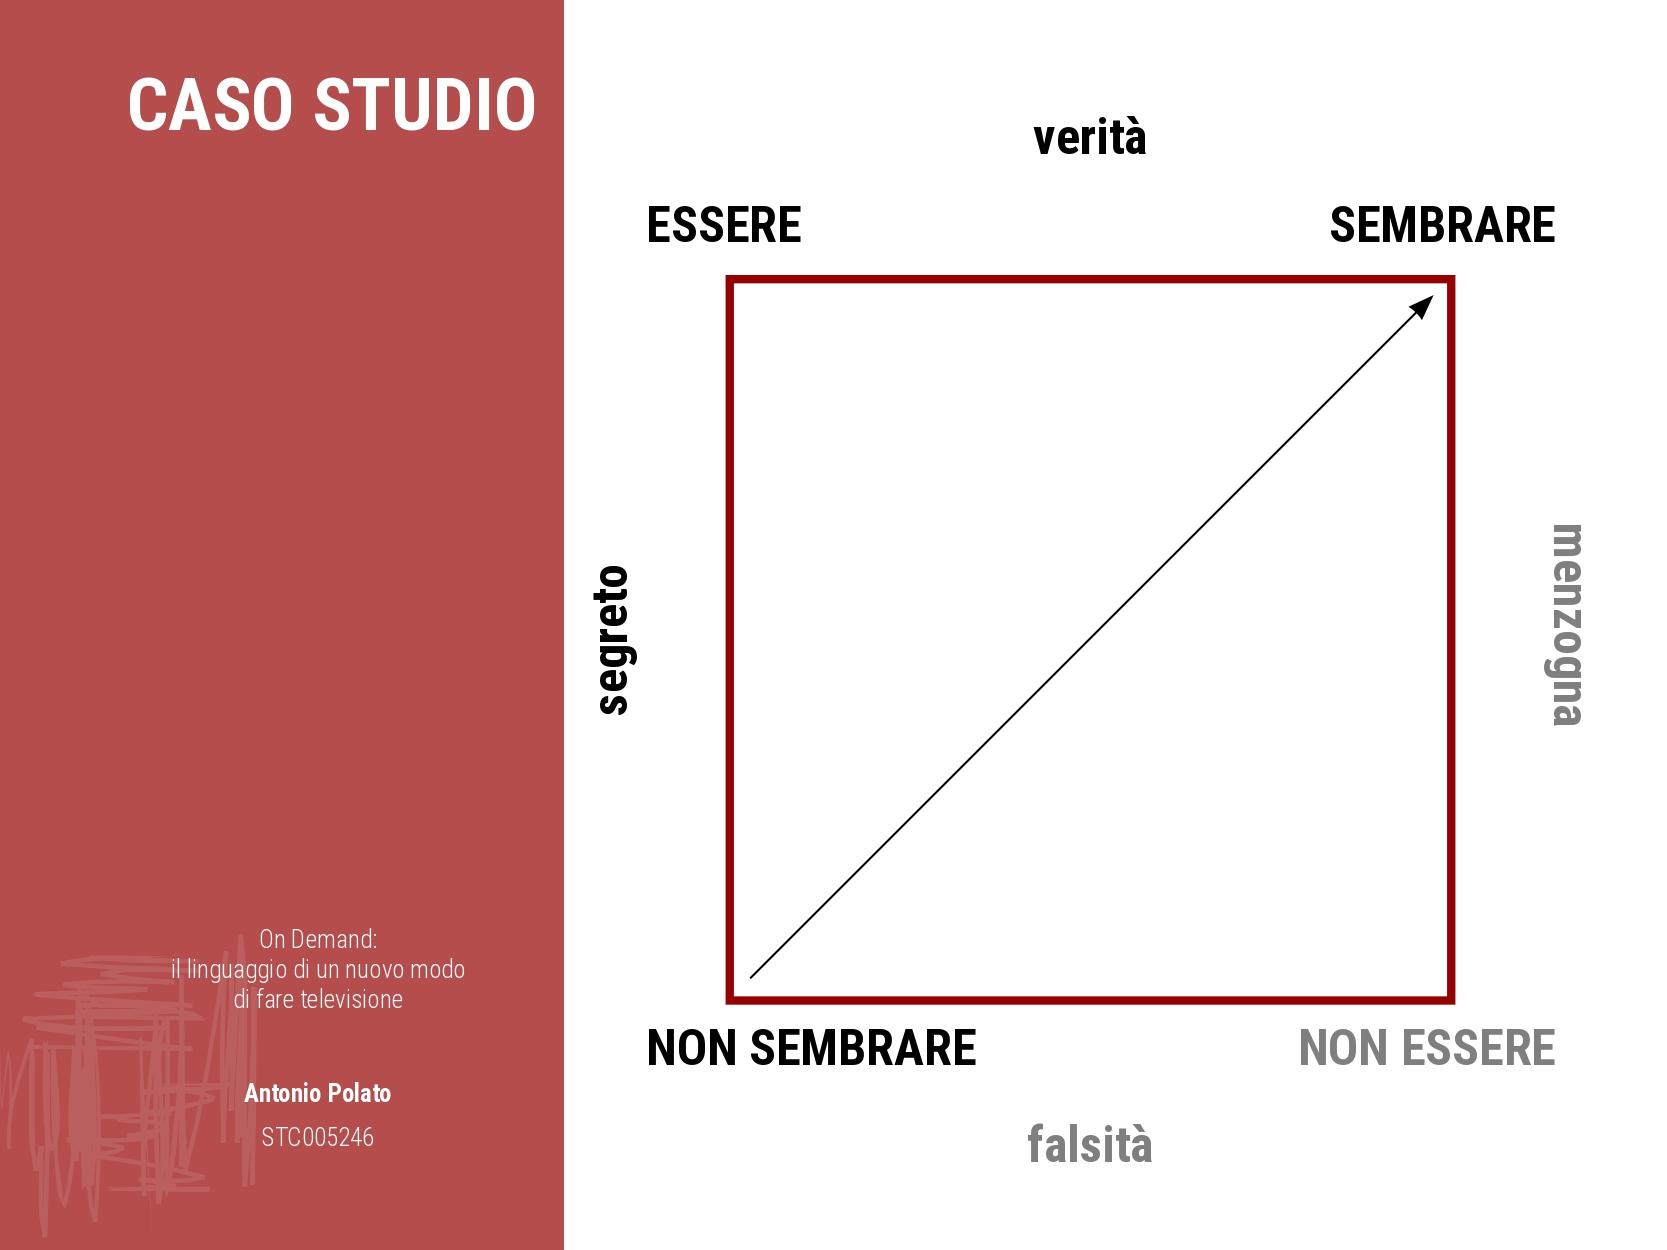 On demand il linguaggio di un nuovo modo di fare la televisione Antonio Polato quadrato di veridizione dos chef en lujo